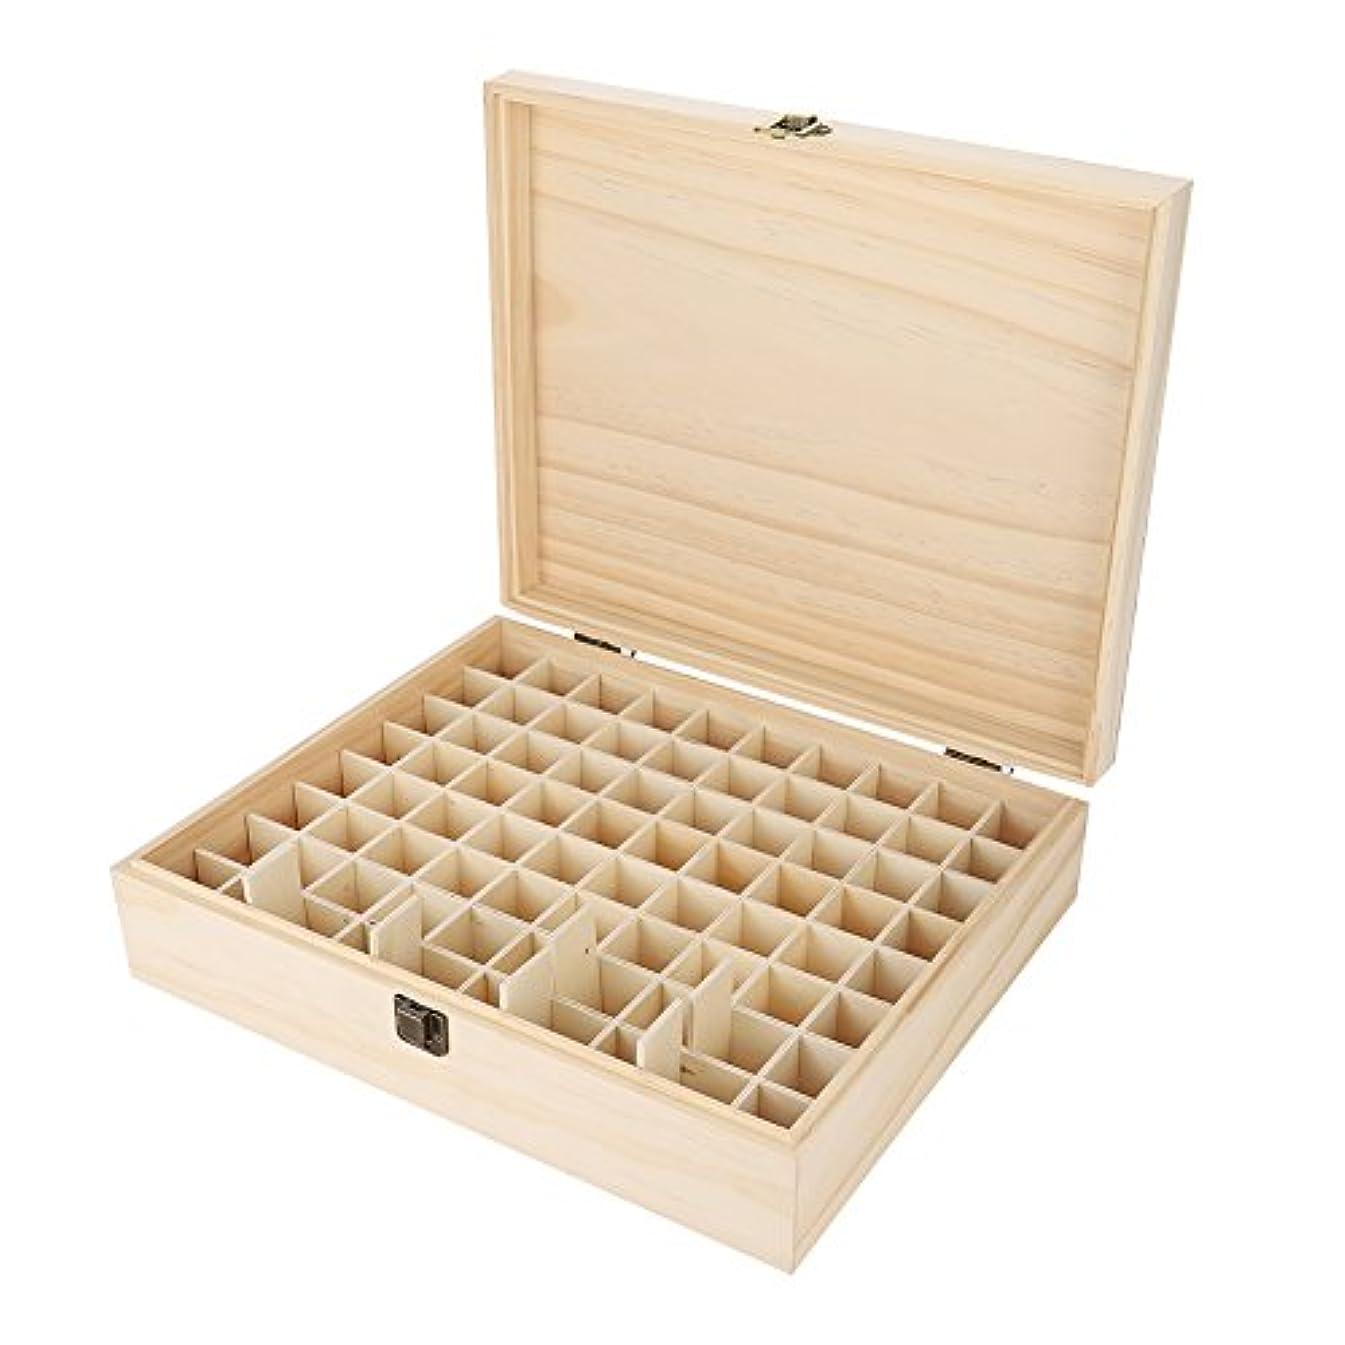 飼いならすピアースメタルラインエッセンシャルオイルボックス、74スロット木製エッセンシャルオイル収納ボックスオーガナイザーケースアロマセラピーキャリングケーストラベルディスプレイプレゼンテーションコンテナ大容量